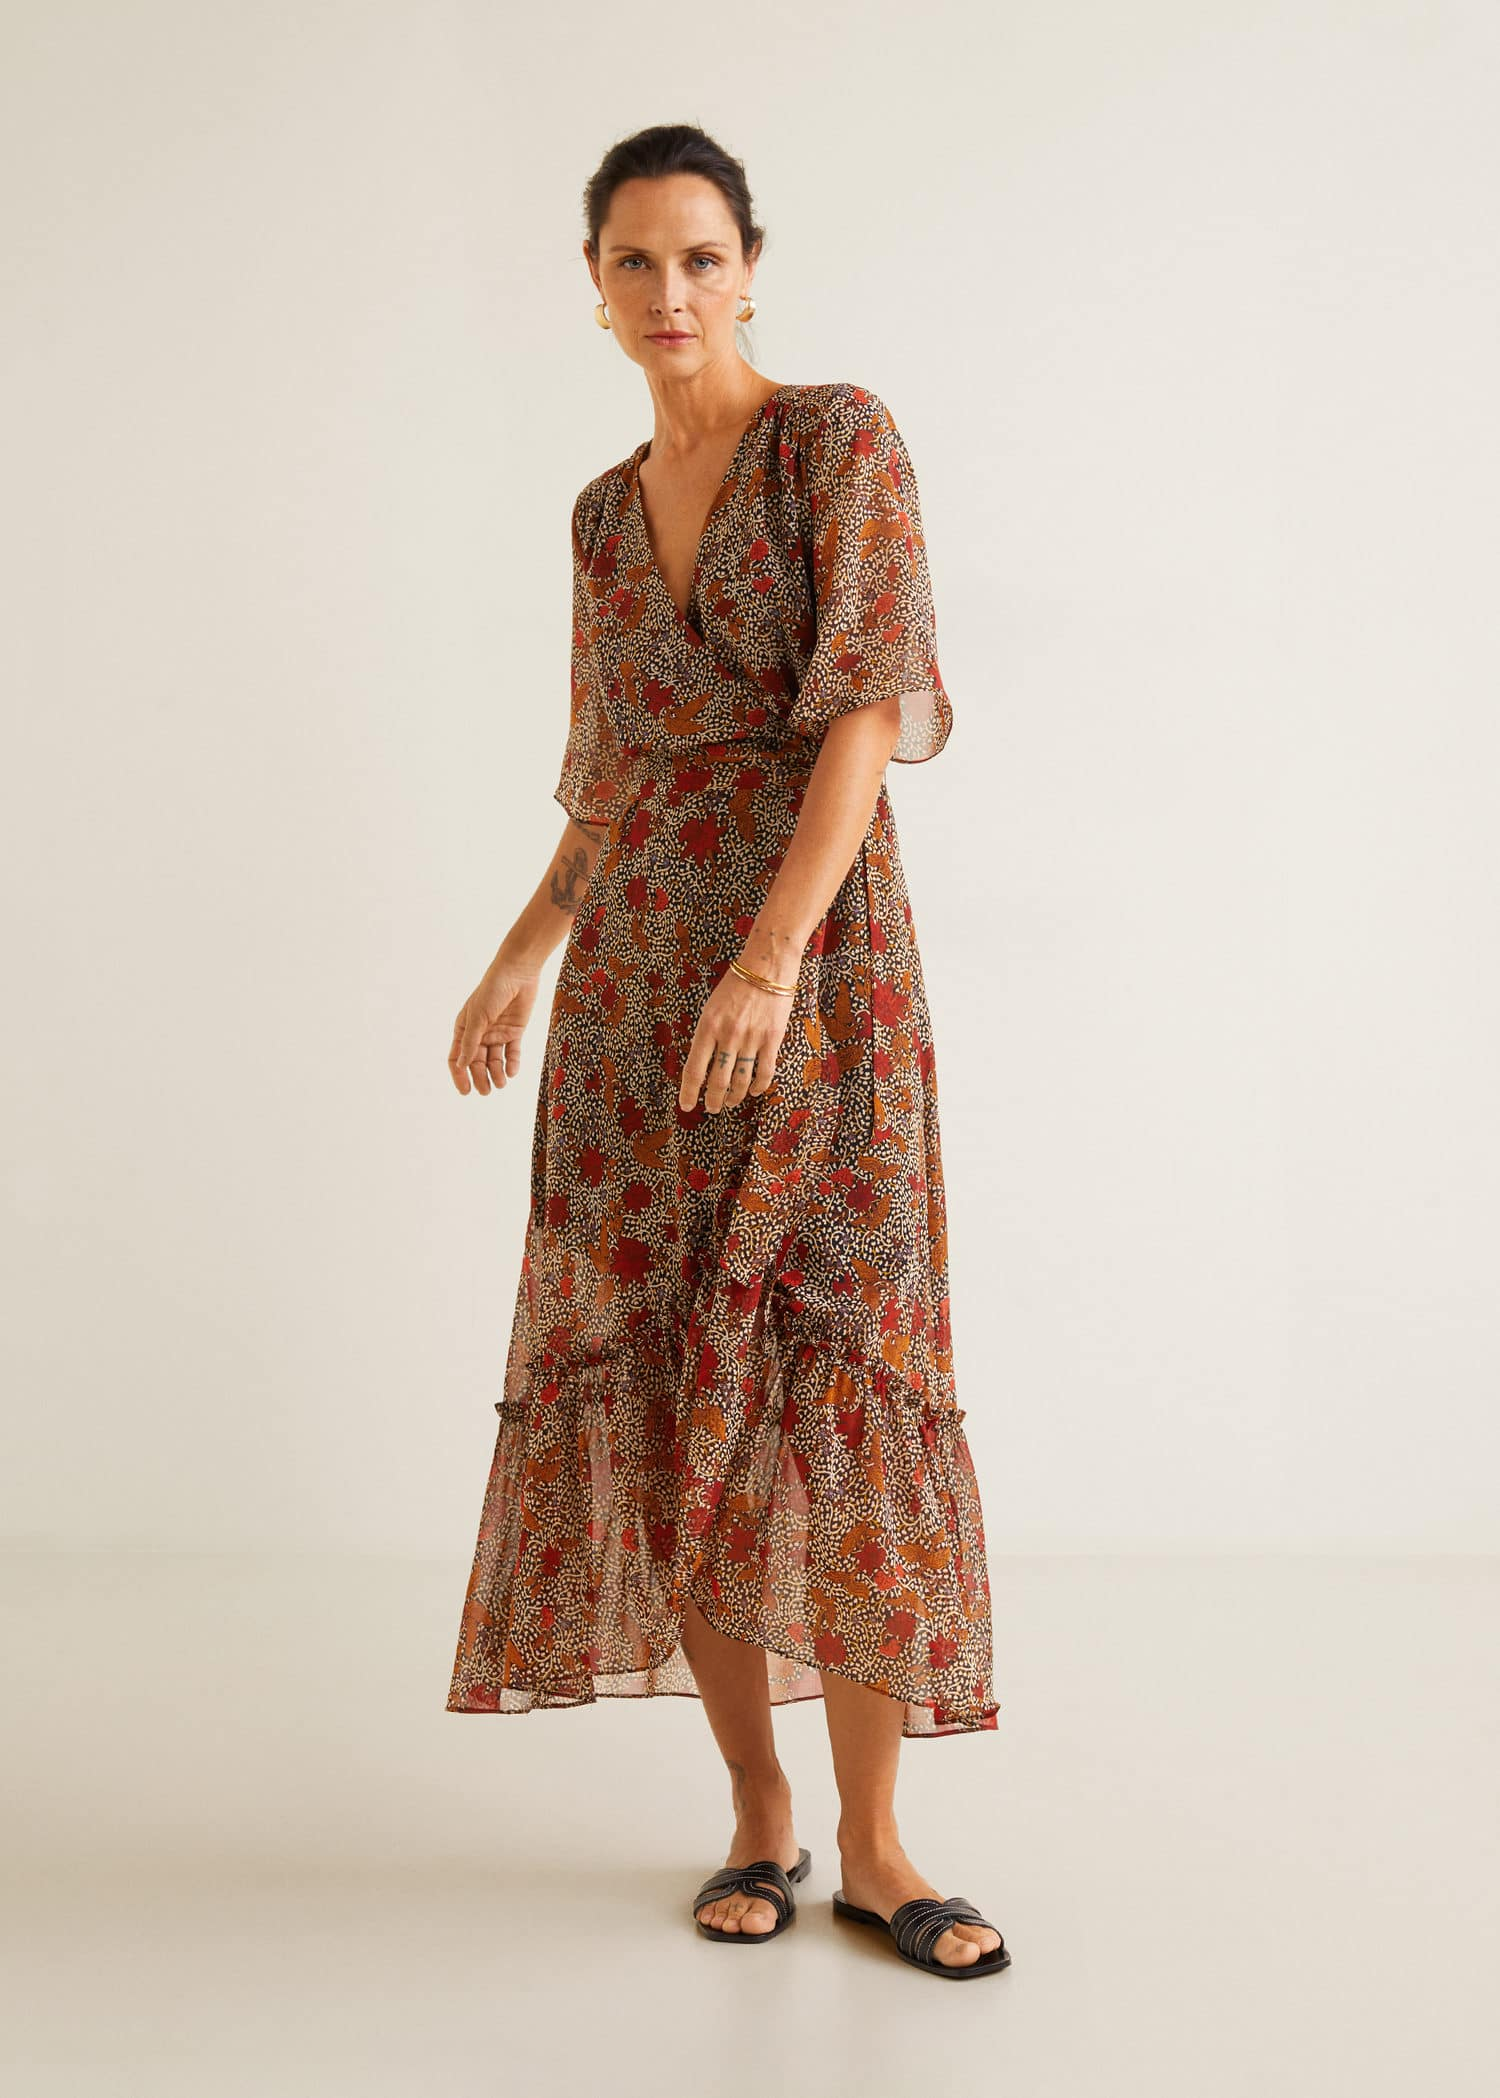 Vestidos casuales de mujer 2019